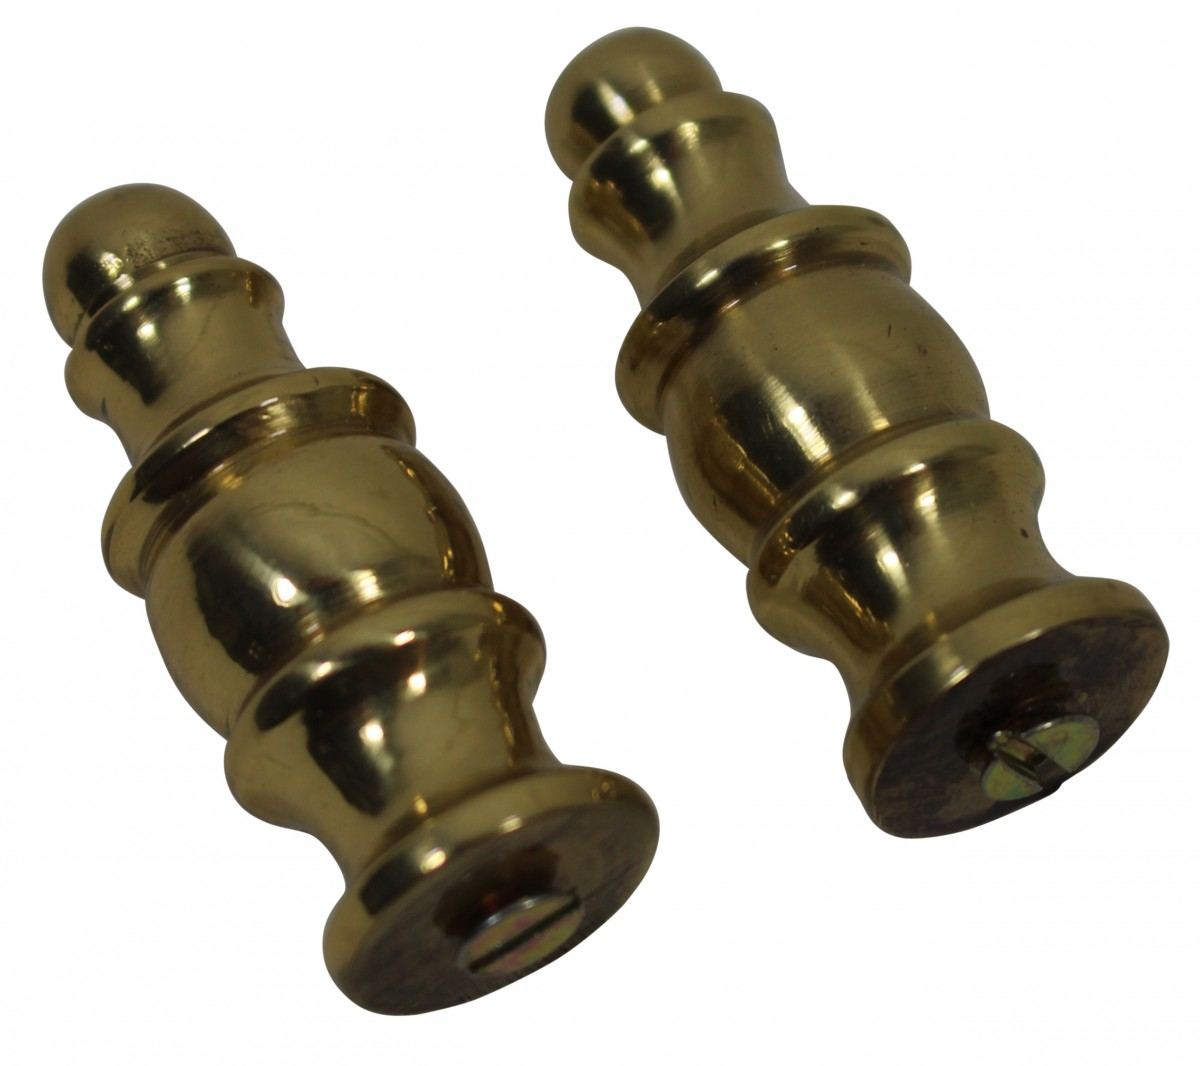 Brass Stair Carpet Rod Finial Scepter Tip Pair Carpet Rod Finials Carpet Rods Stair Rod Finials